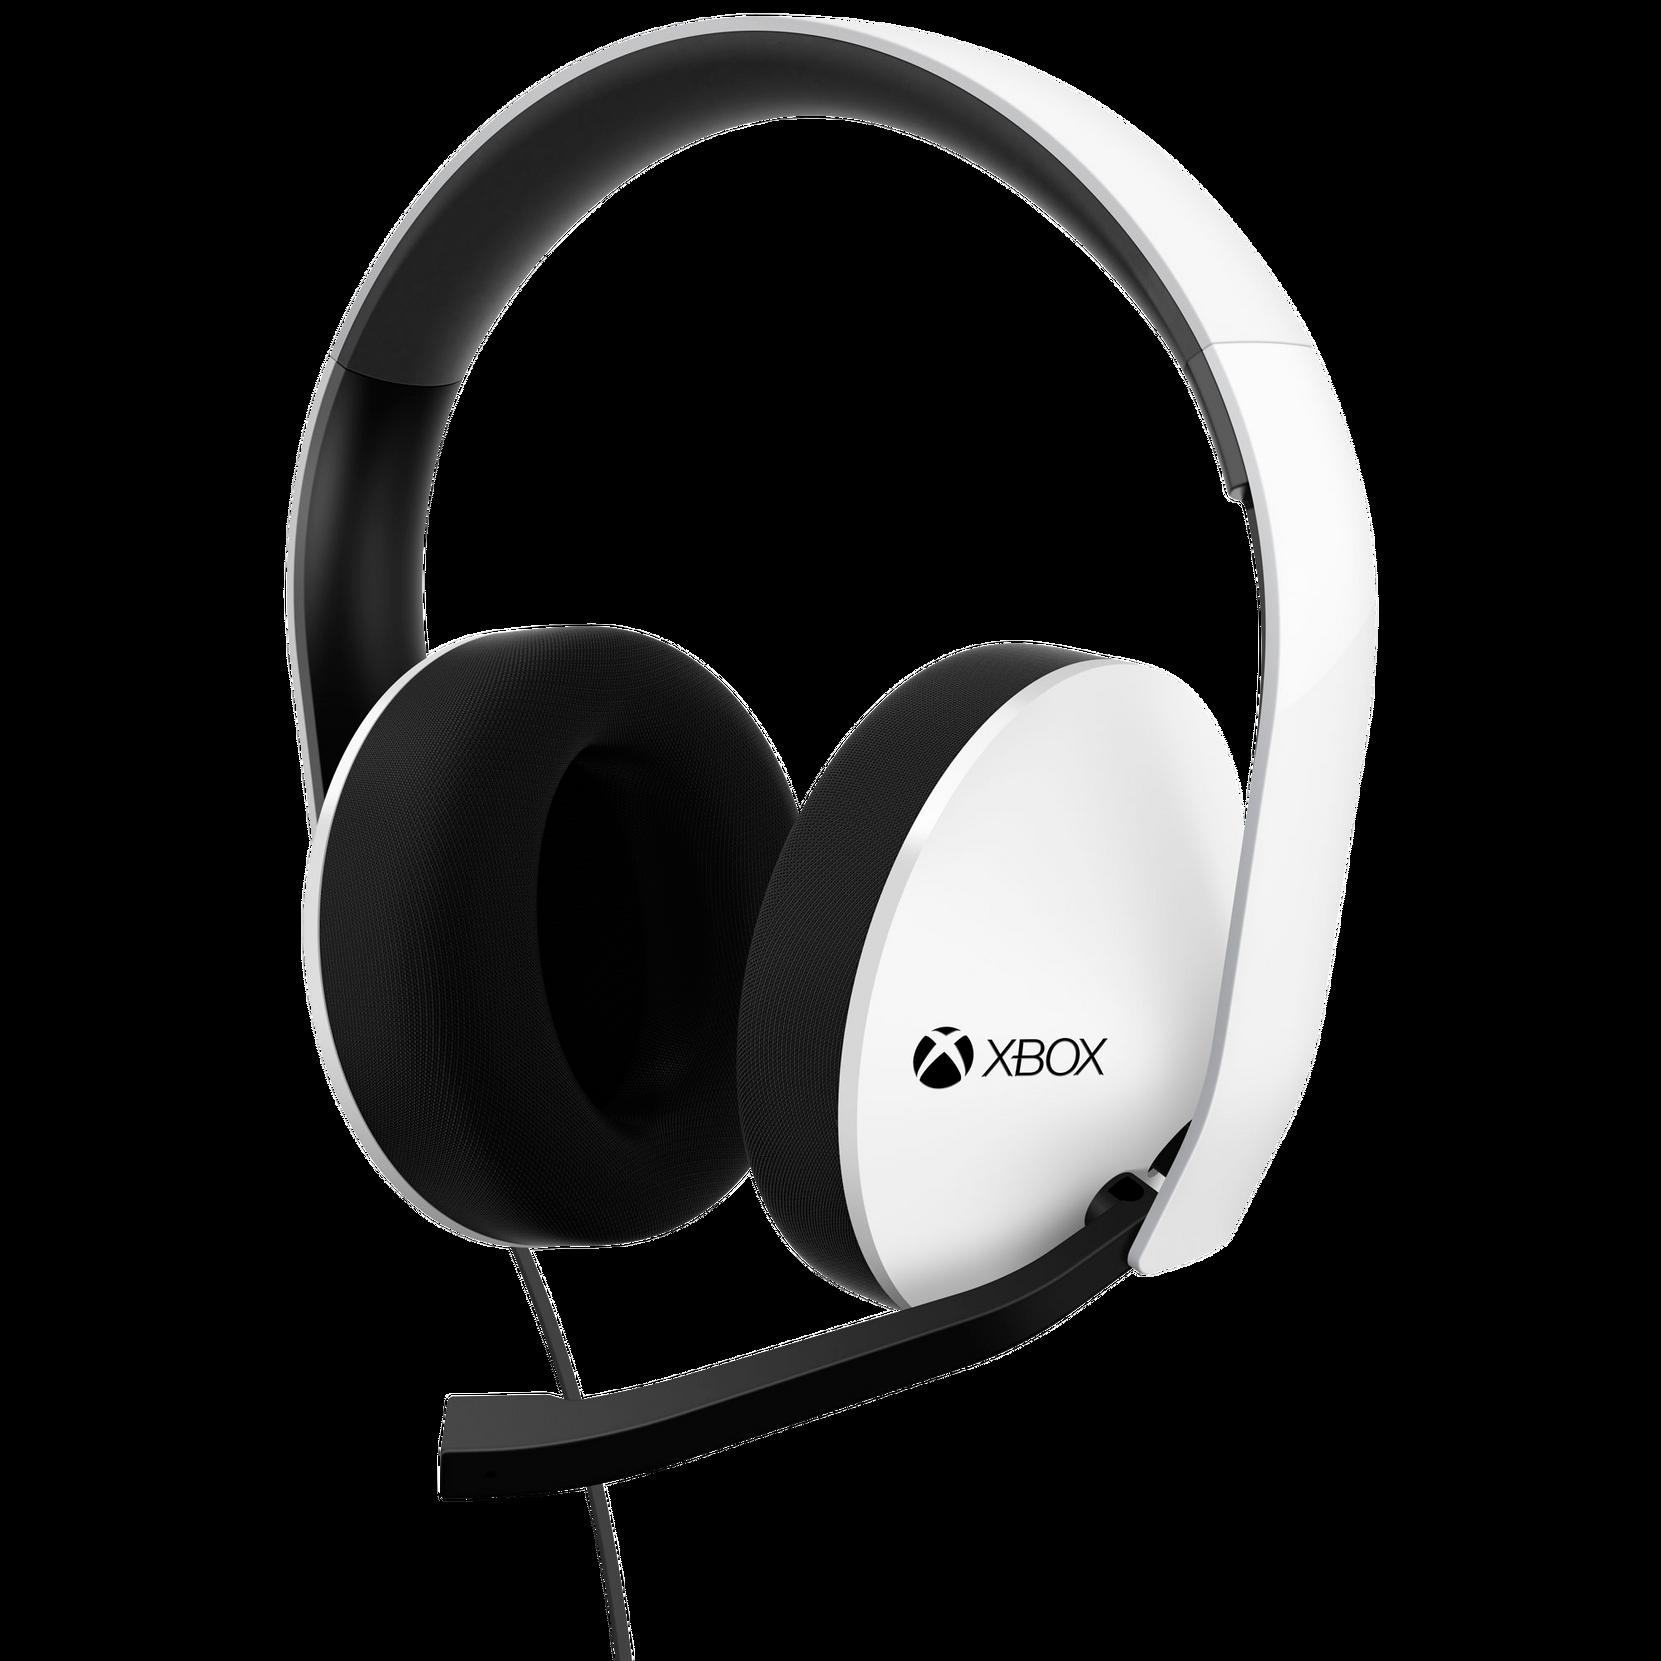 Xbox One Stereo Headset White Microsoft Spiltilbehør til Boligen i Xbox one stereo headset white